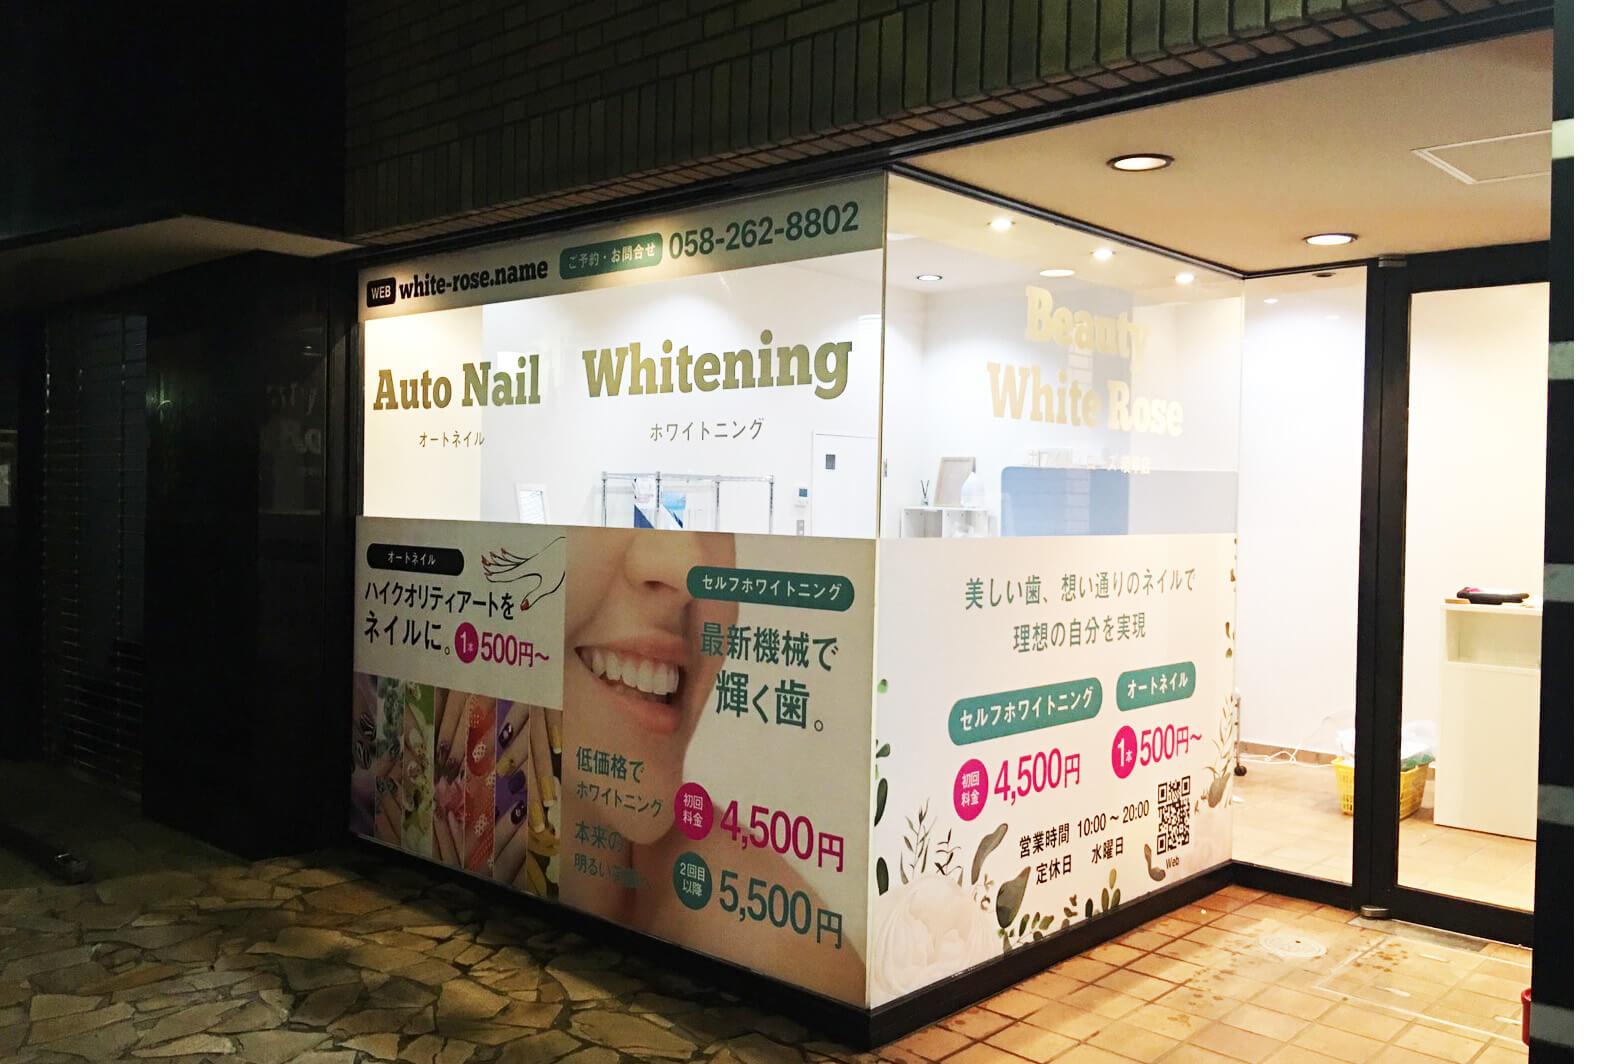 IMG 4307 - 【岐阜県岐阜市】セルフホワイトニング&オートネイルサロン様の施工を担当させていただきました。